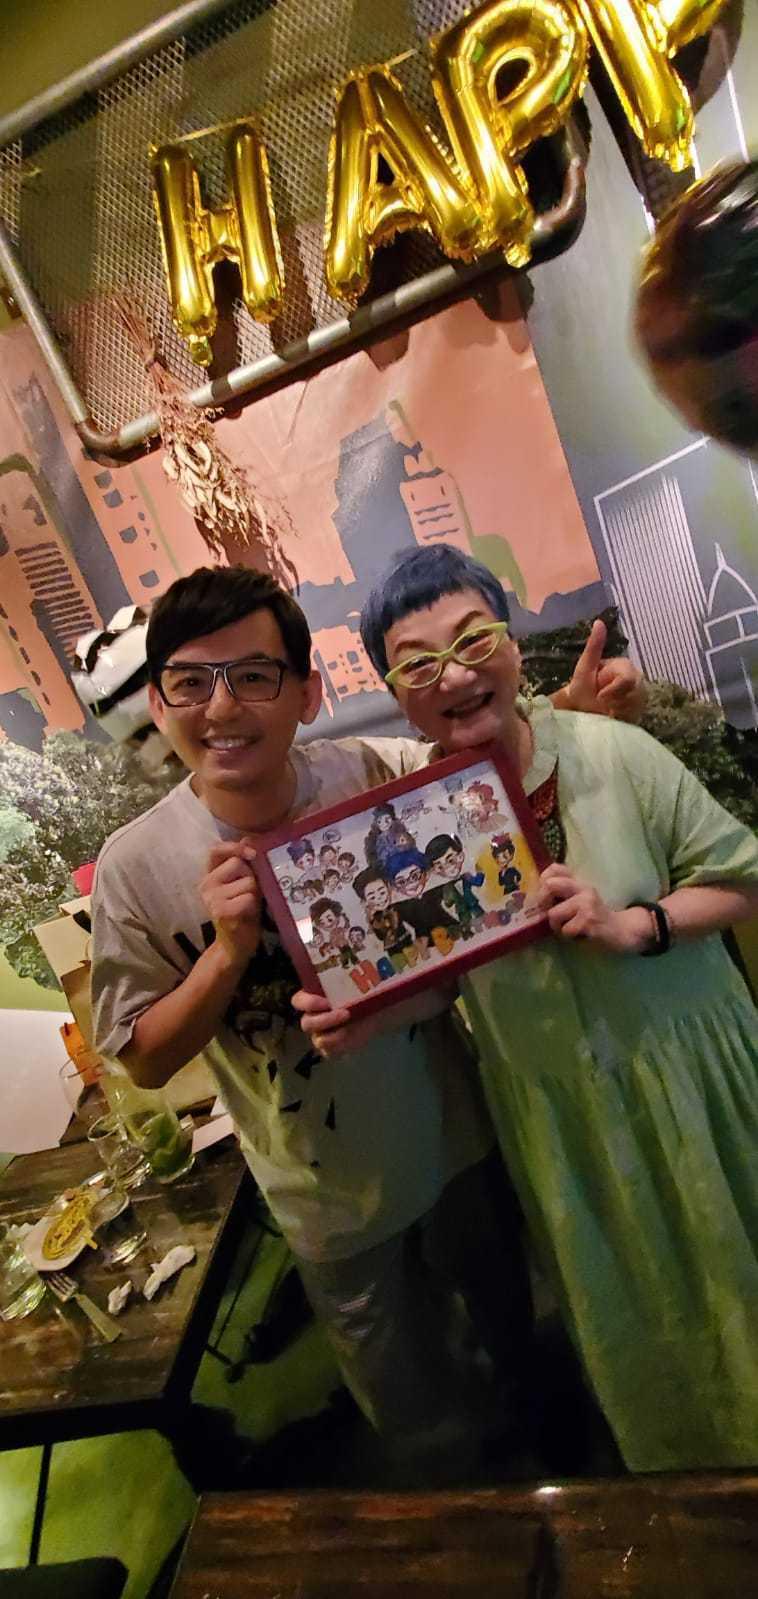 黃子佼(左)送上畫像給張小燕當生日禮物。圖/黃子佼提供